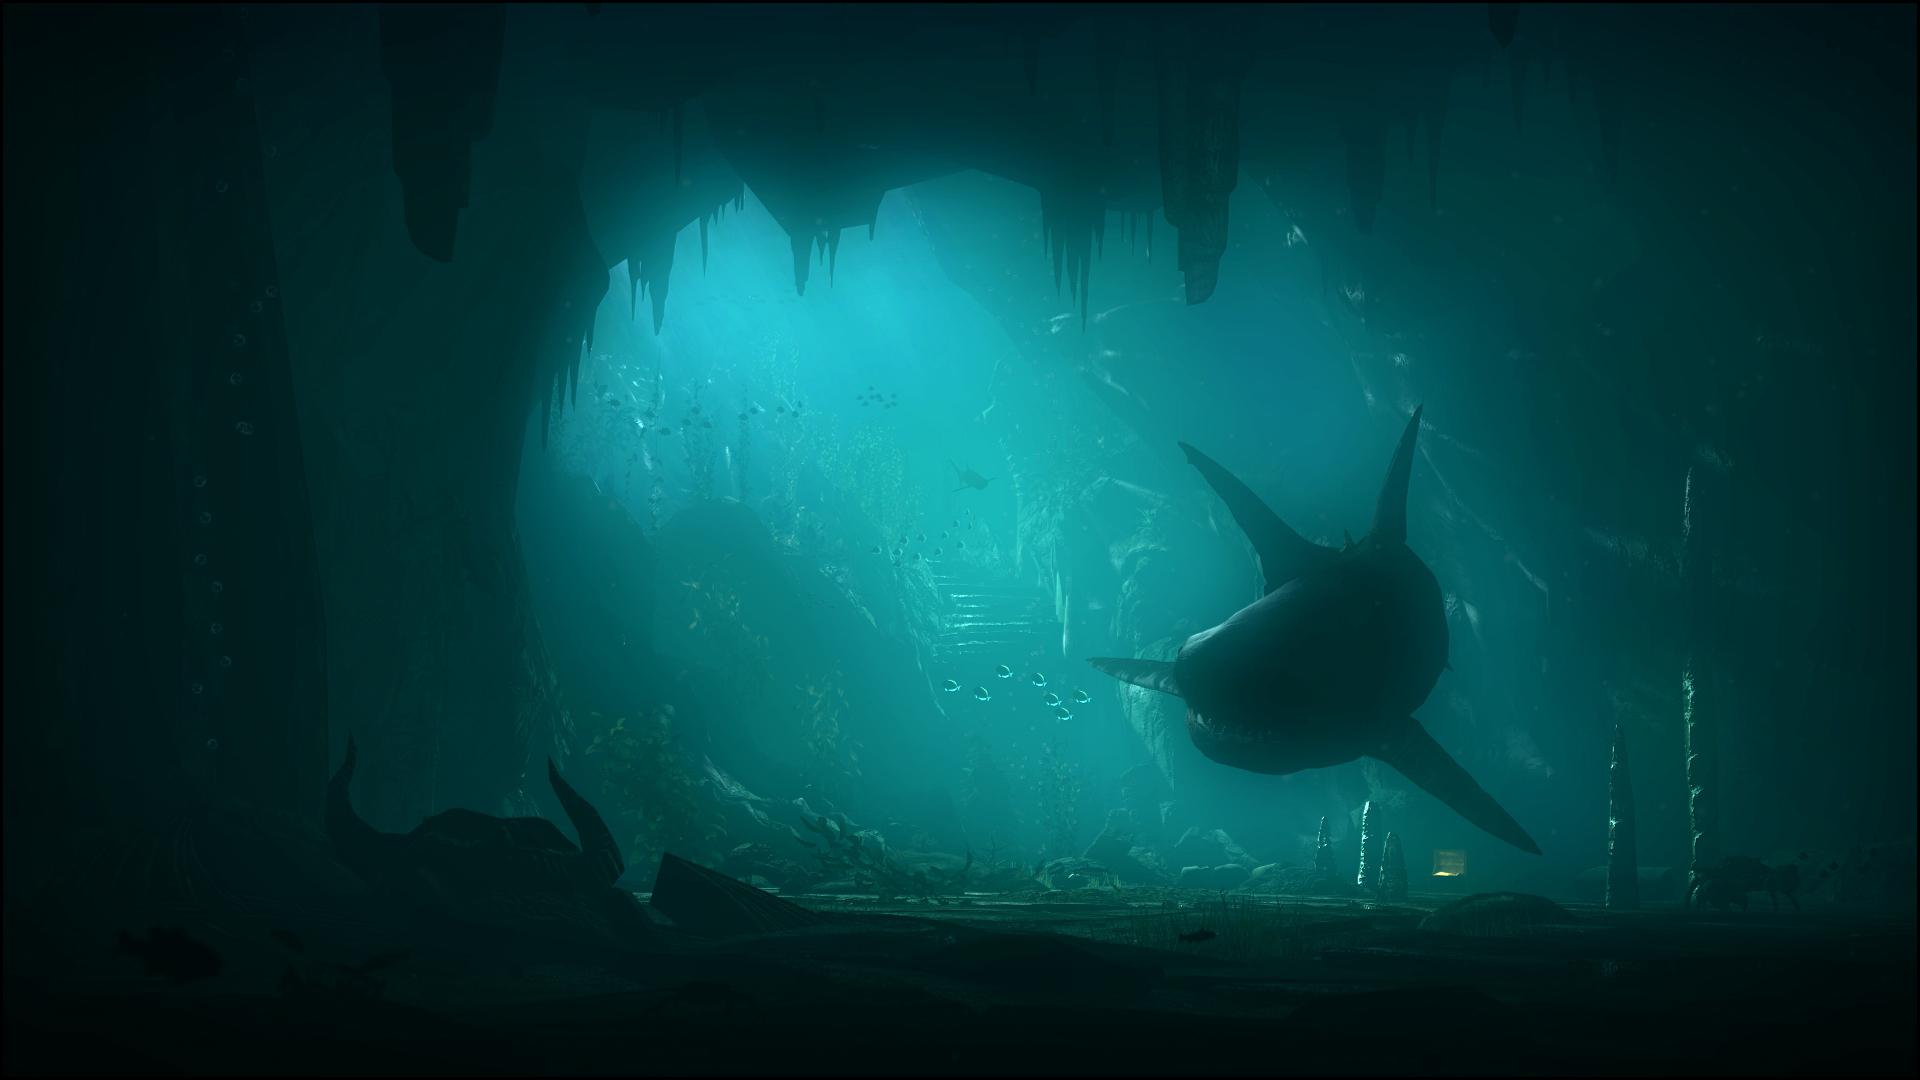 art-akula-podvodnyy-mir-more.jpg